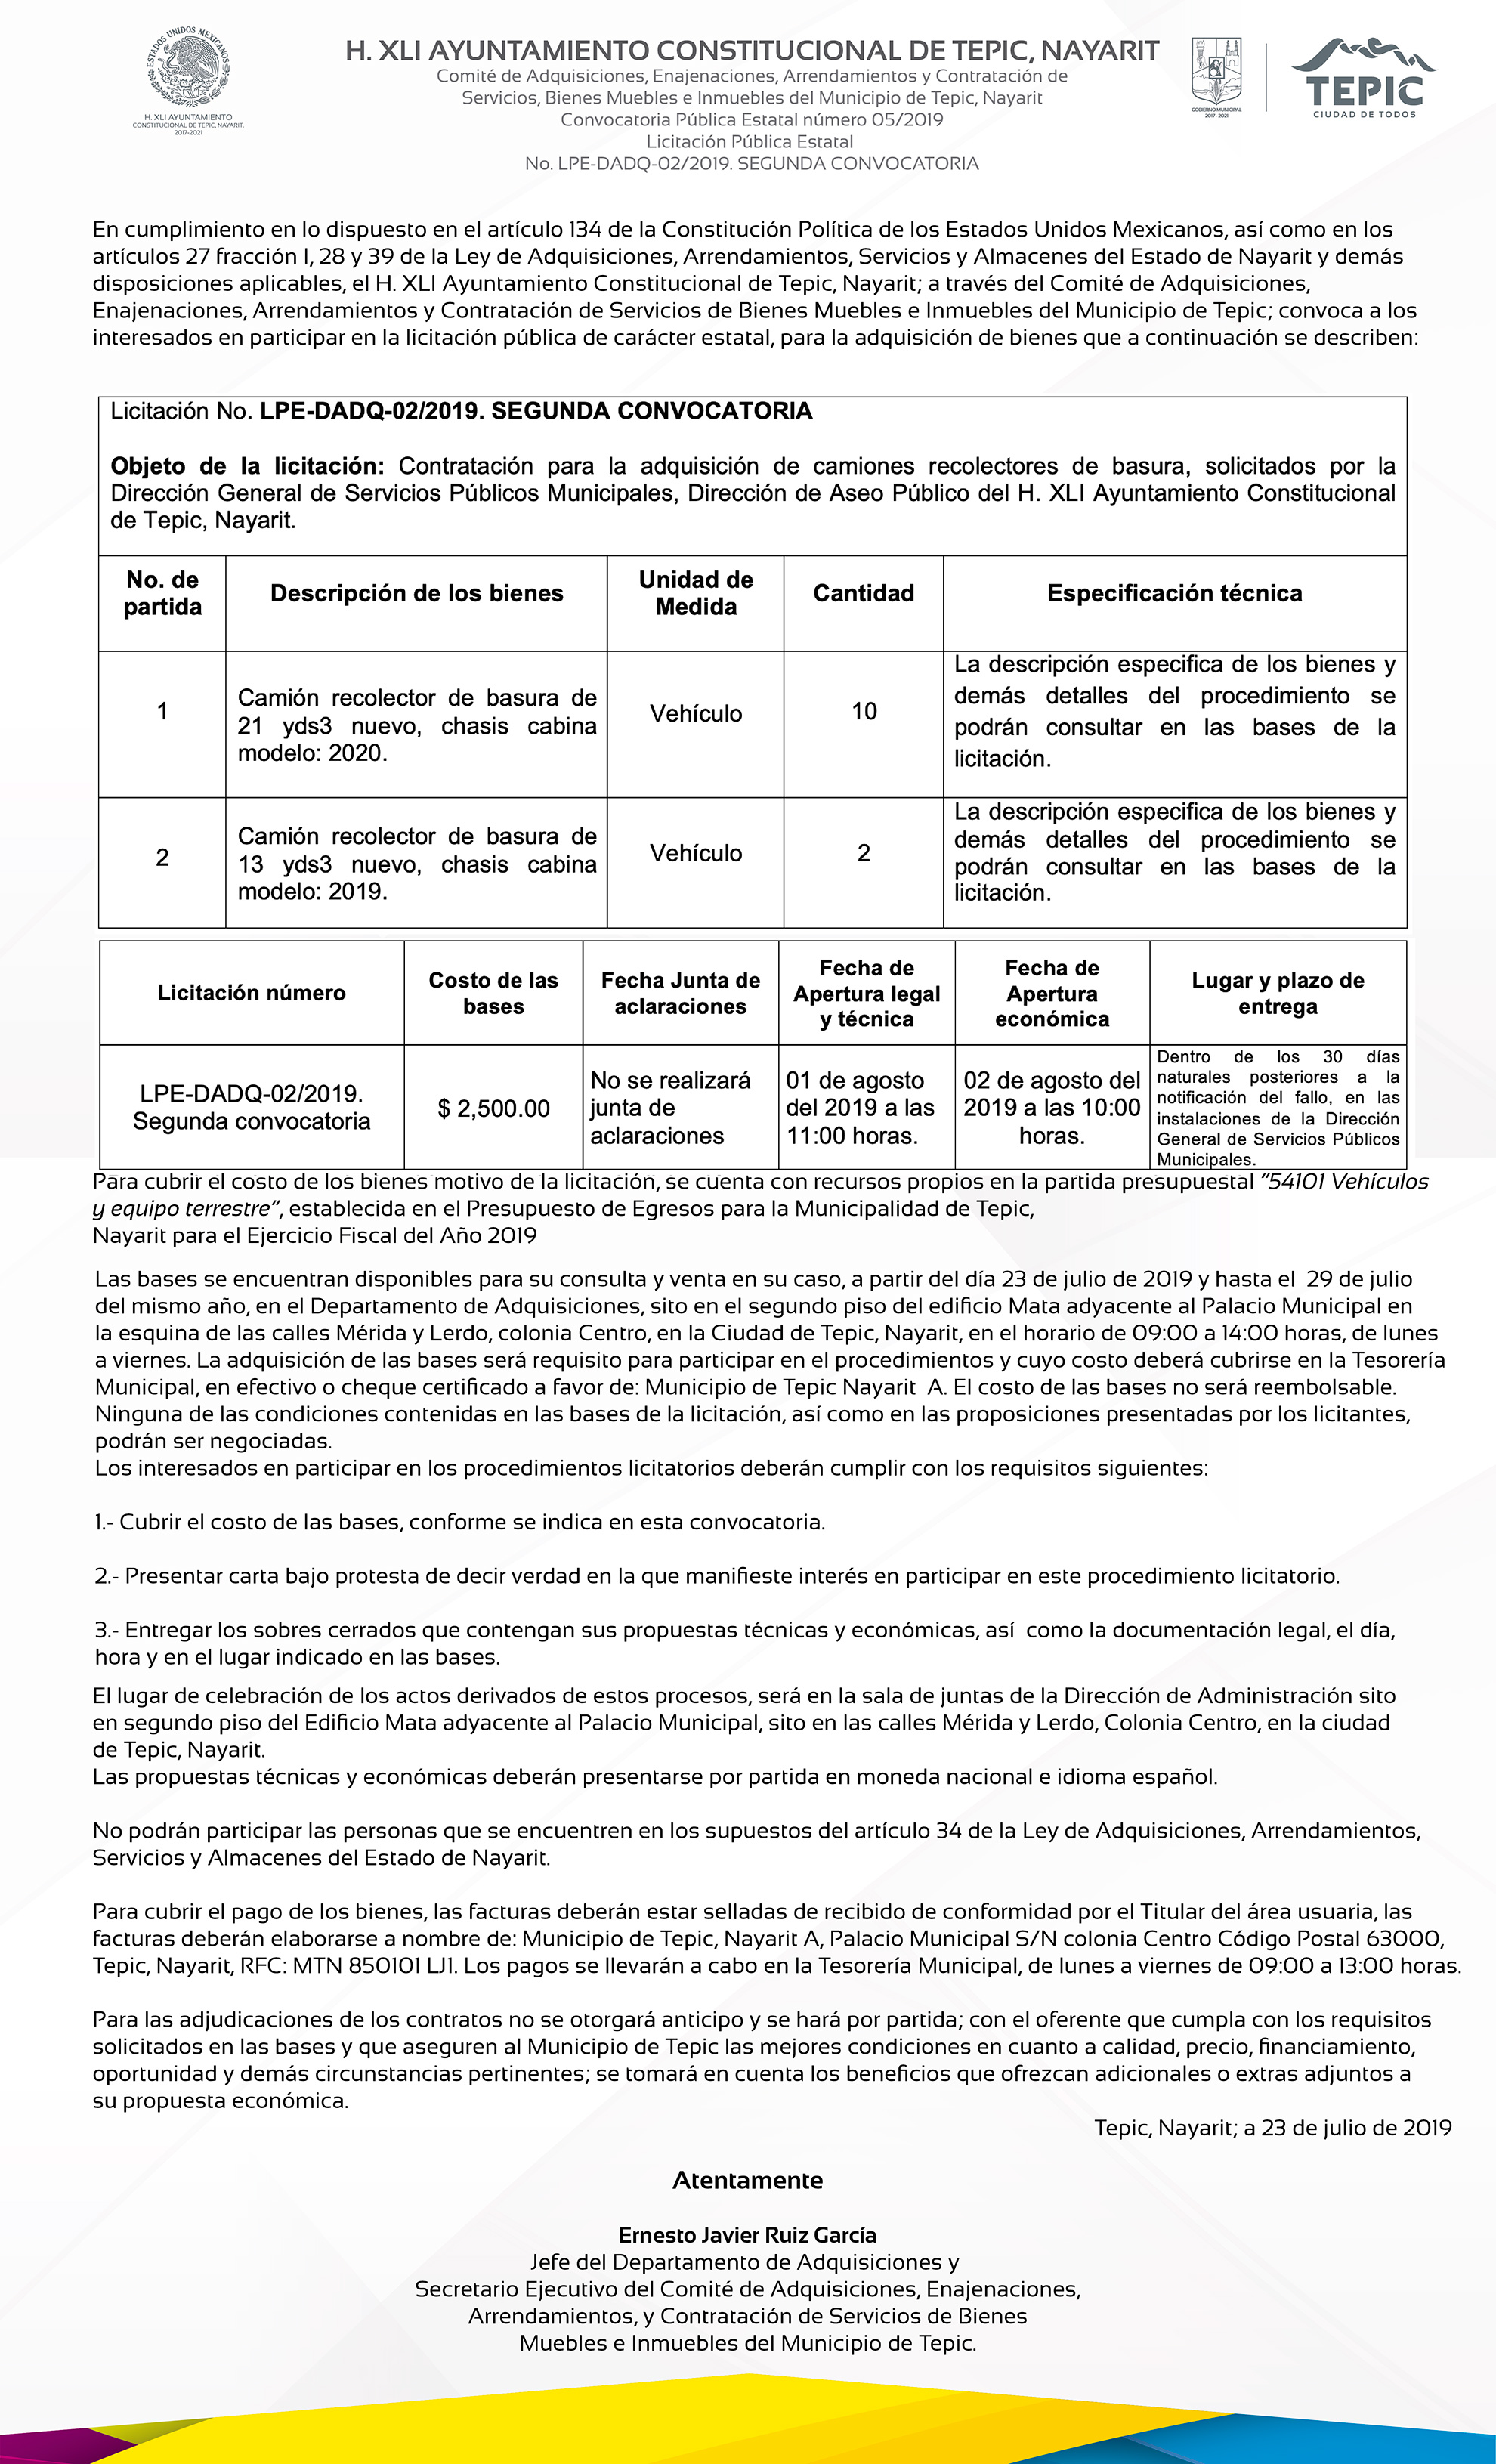 convocatoria_adquisicion_camiones_recolectores